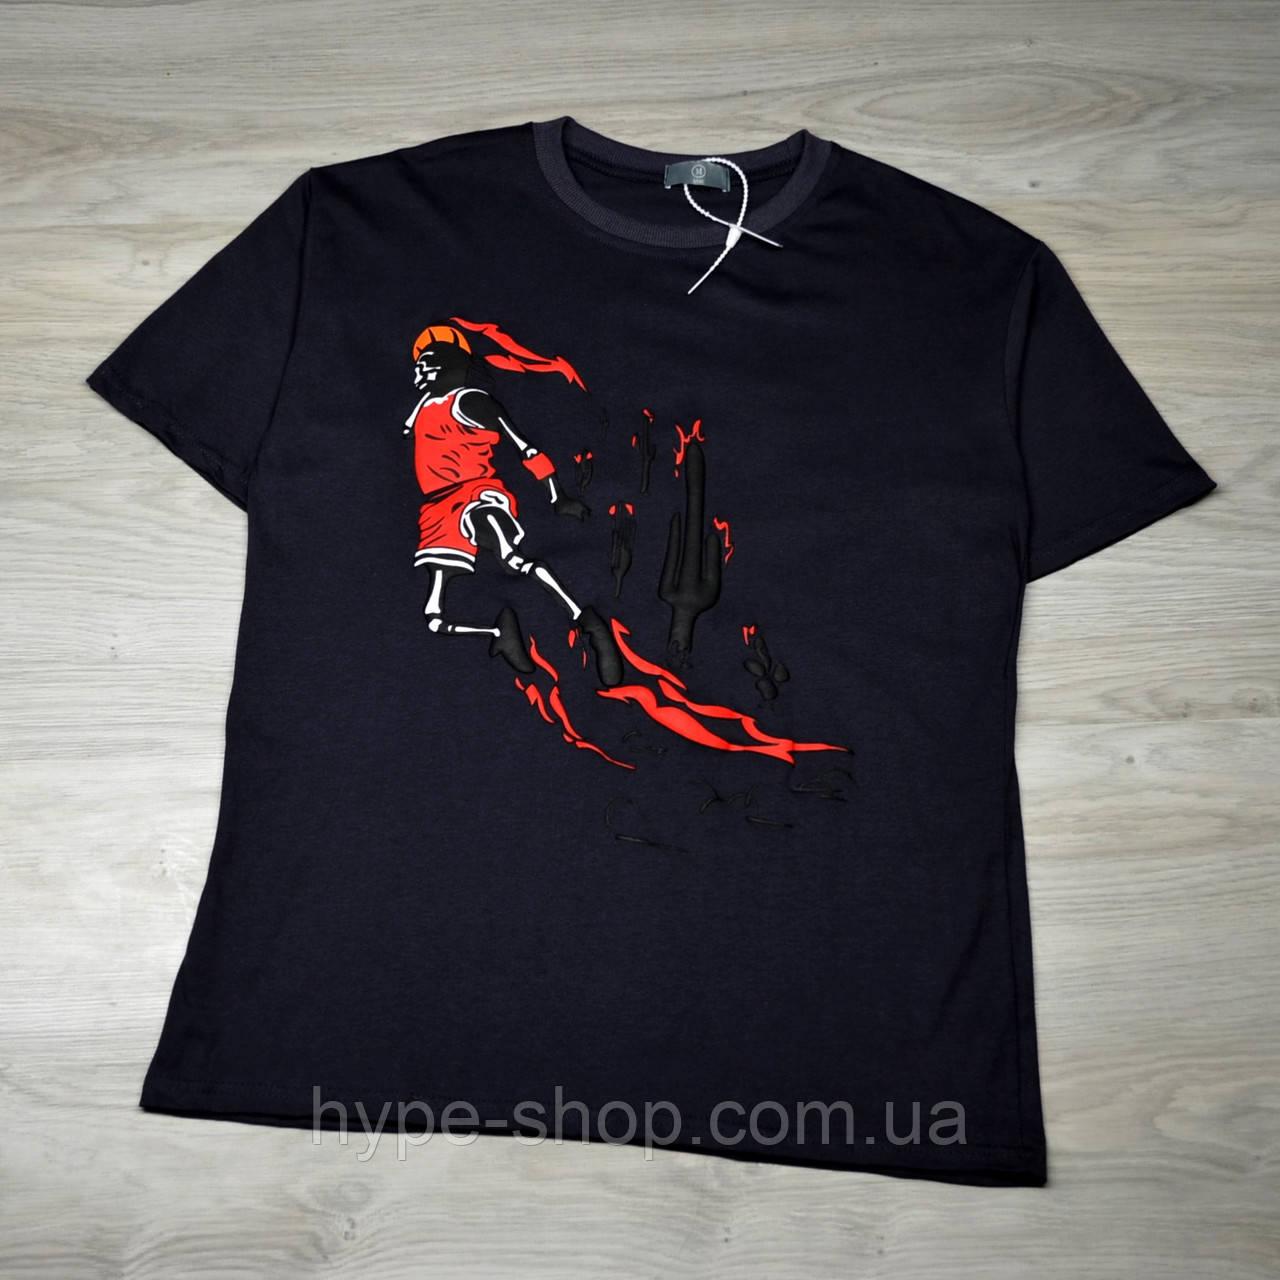 Чоловіча футболка Travis Scott x Jordan dark grey з якісним принтом